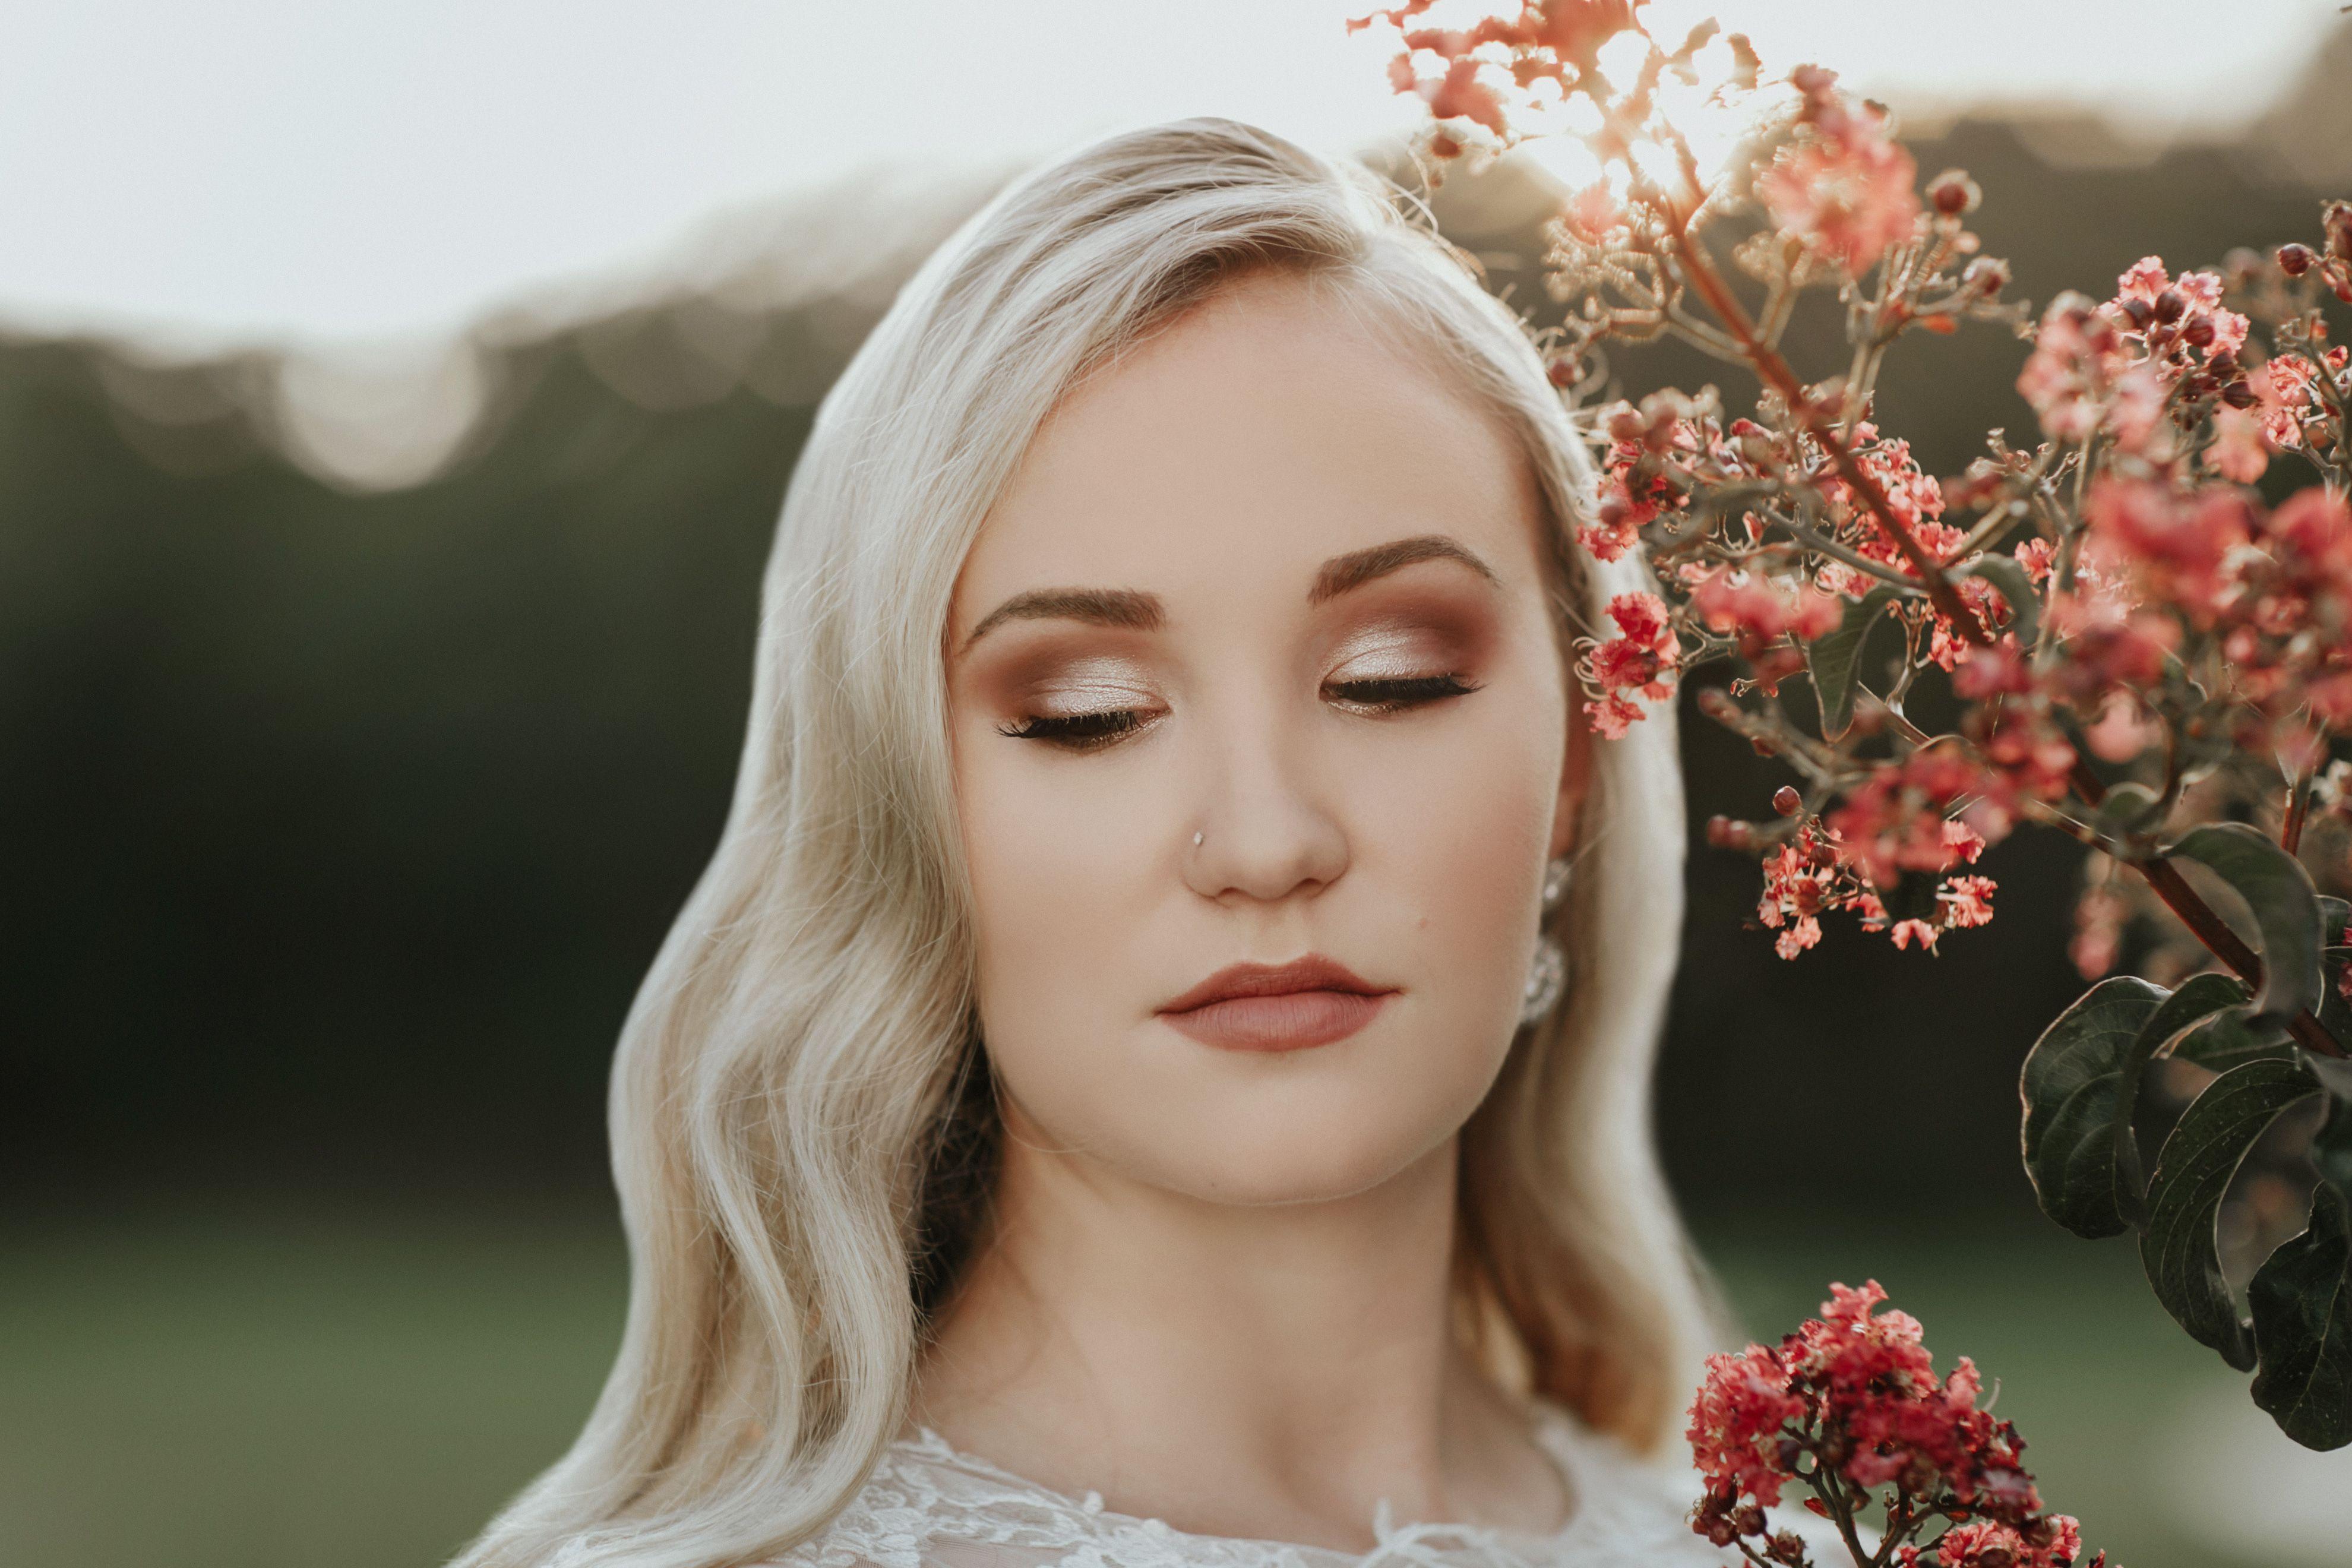 MUA Megan Berven Makeup Photographer Jordan Taylor